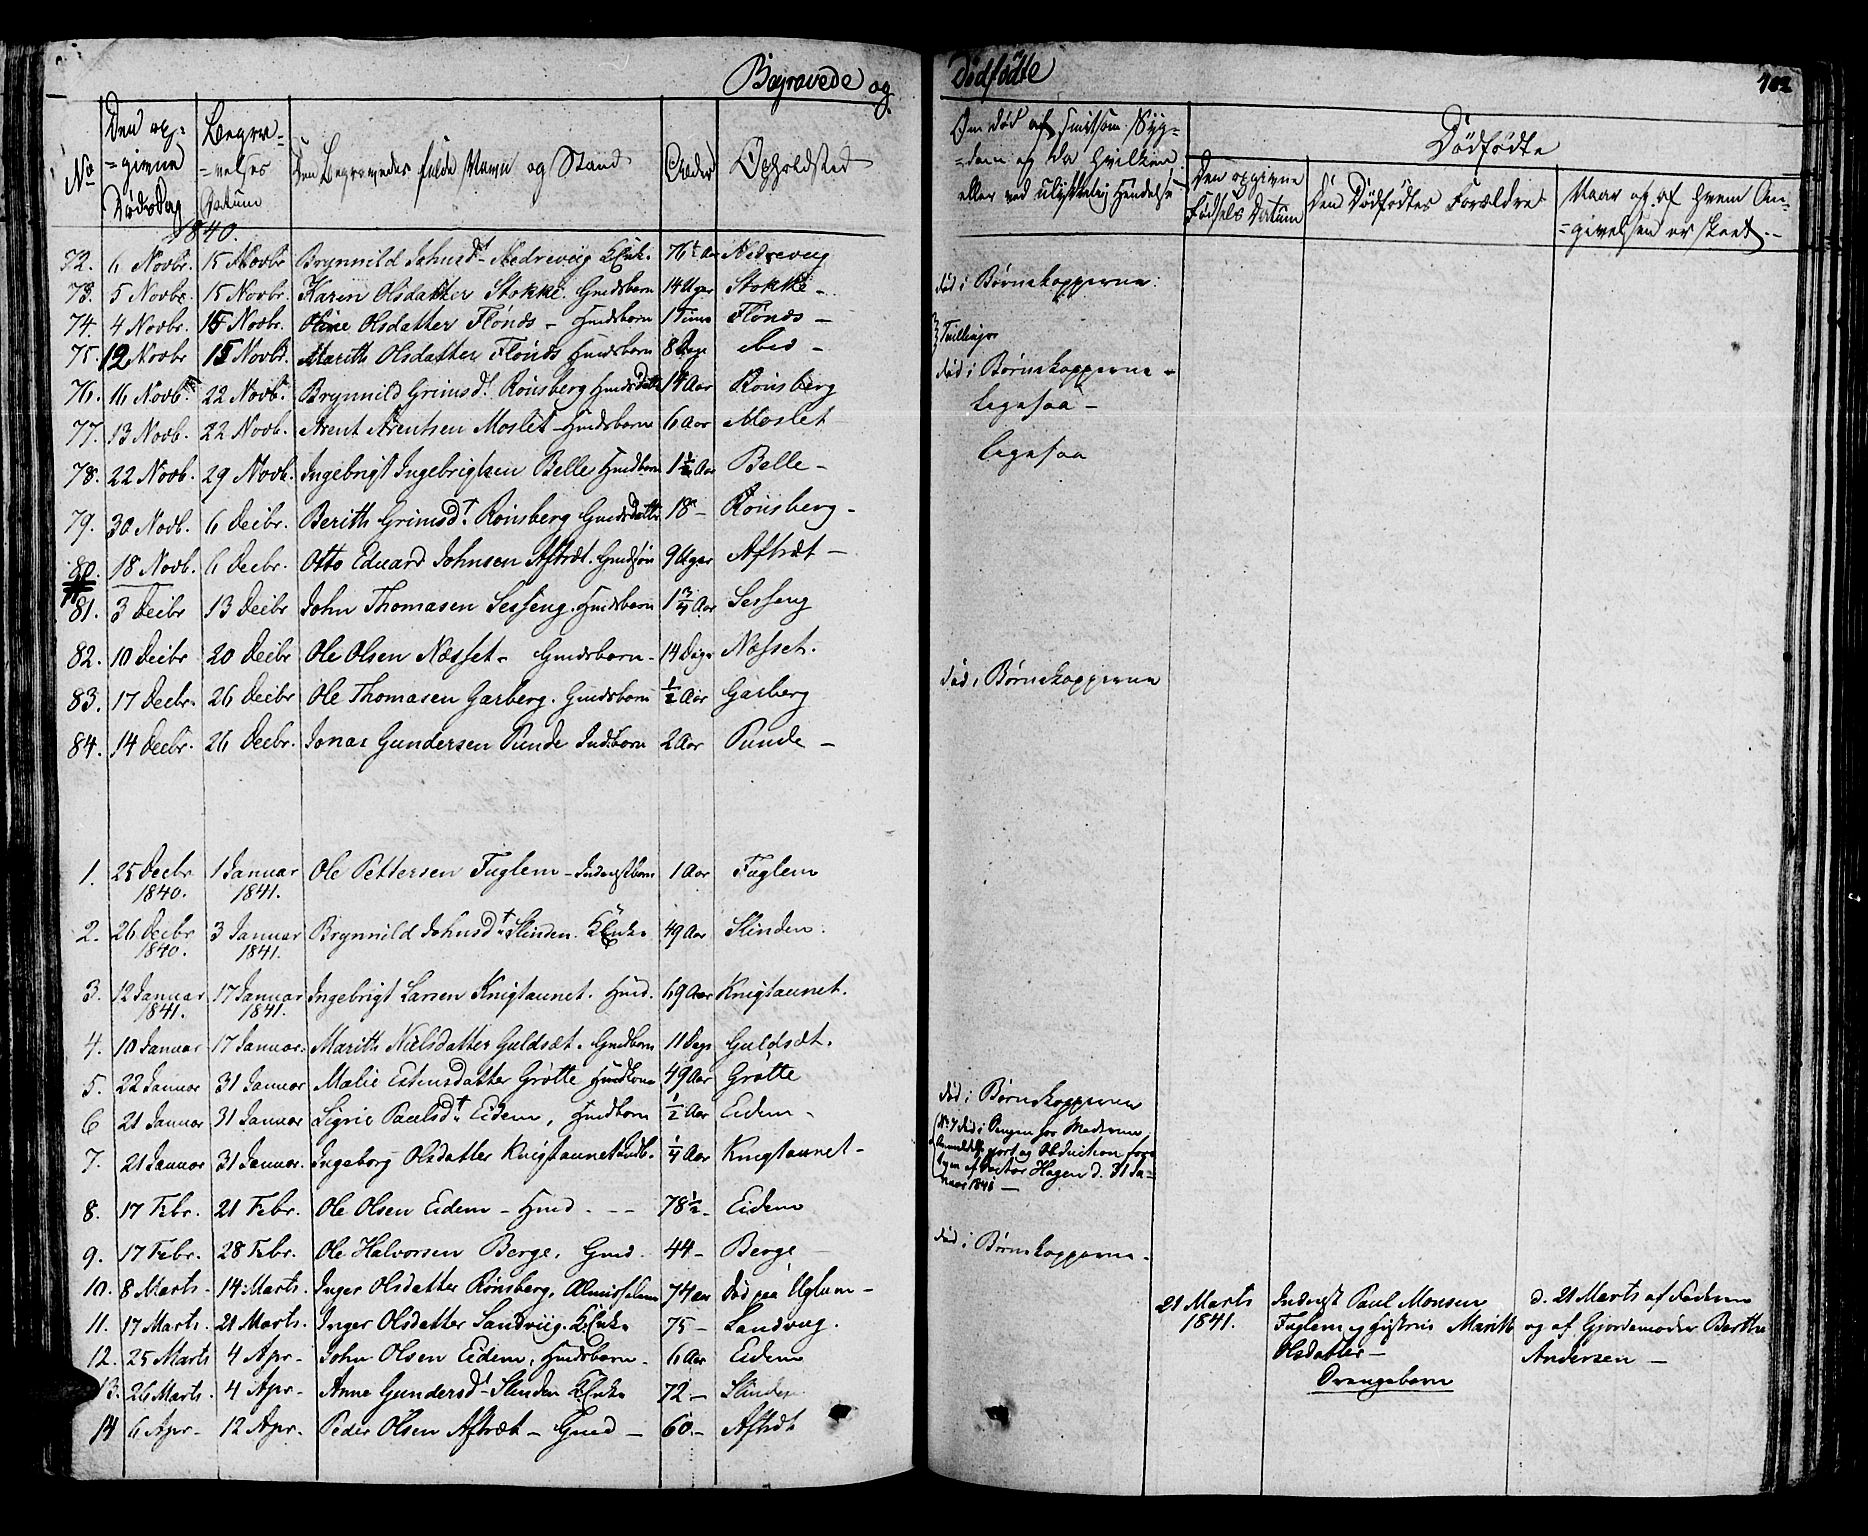 SAT, Ministerialprotokoller, klokkerbøker og fødselsregistre - Sør-Trøndelag, 695/L1143: Ministerialbok nr. 695A05 /1, 1824-1842, s. 402